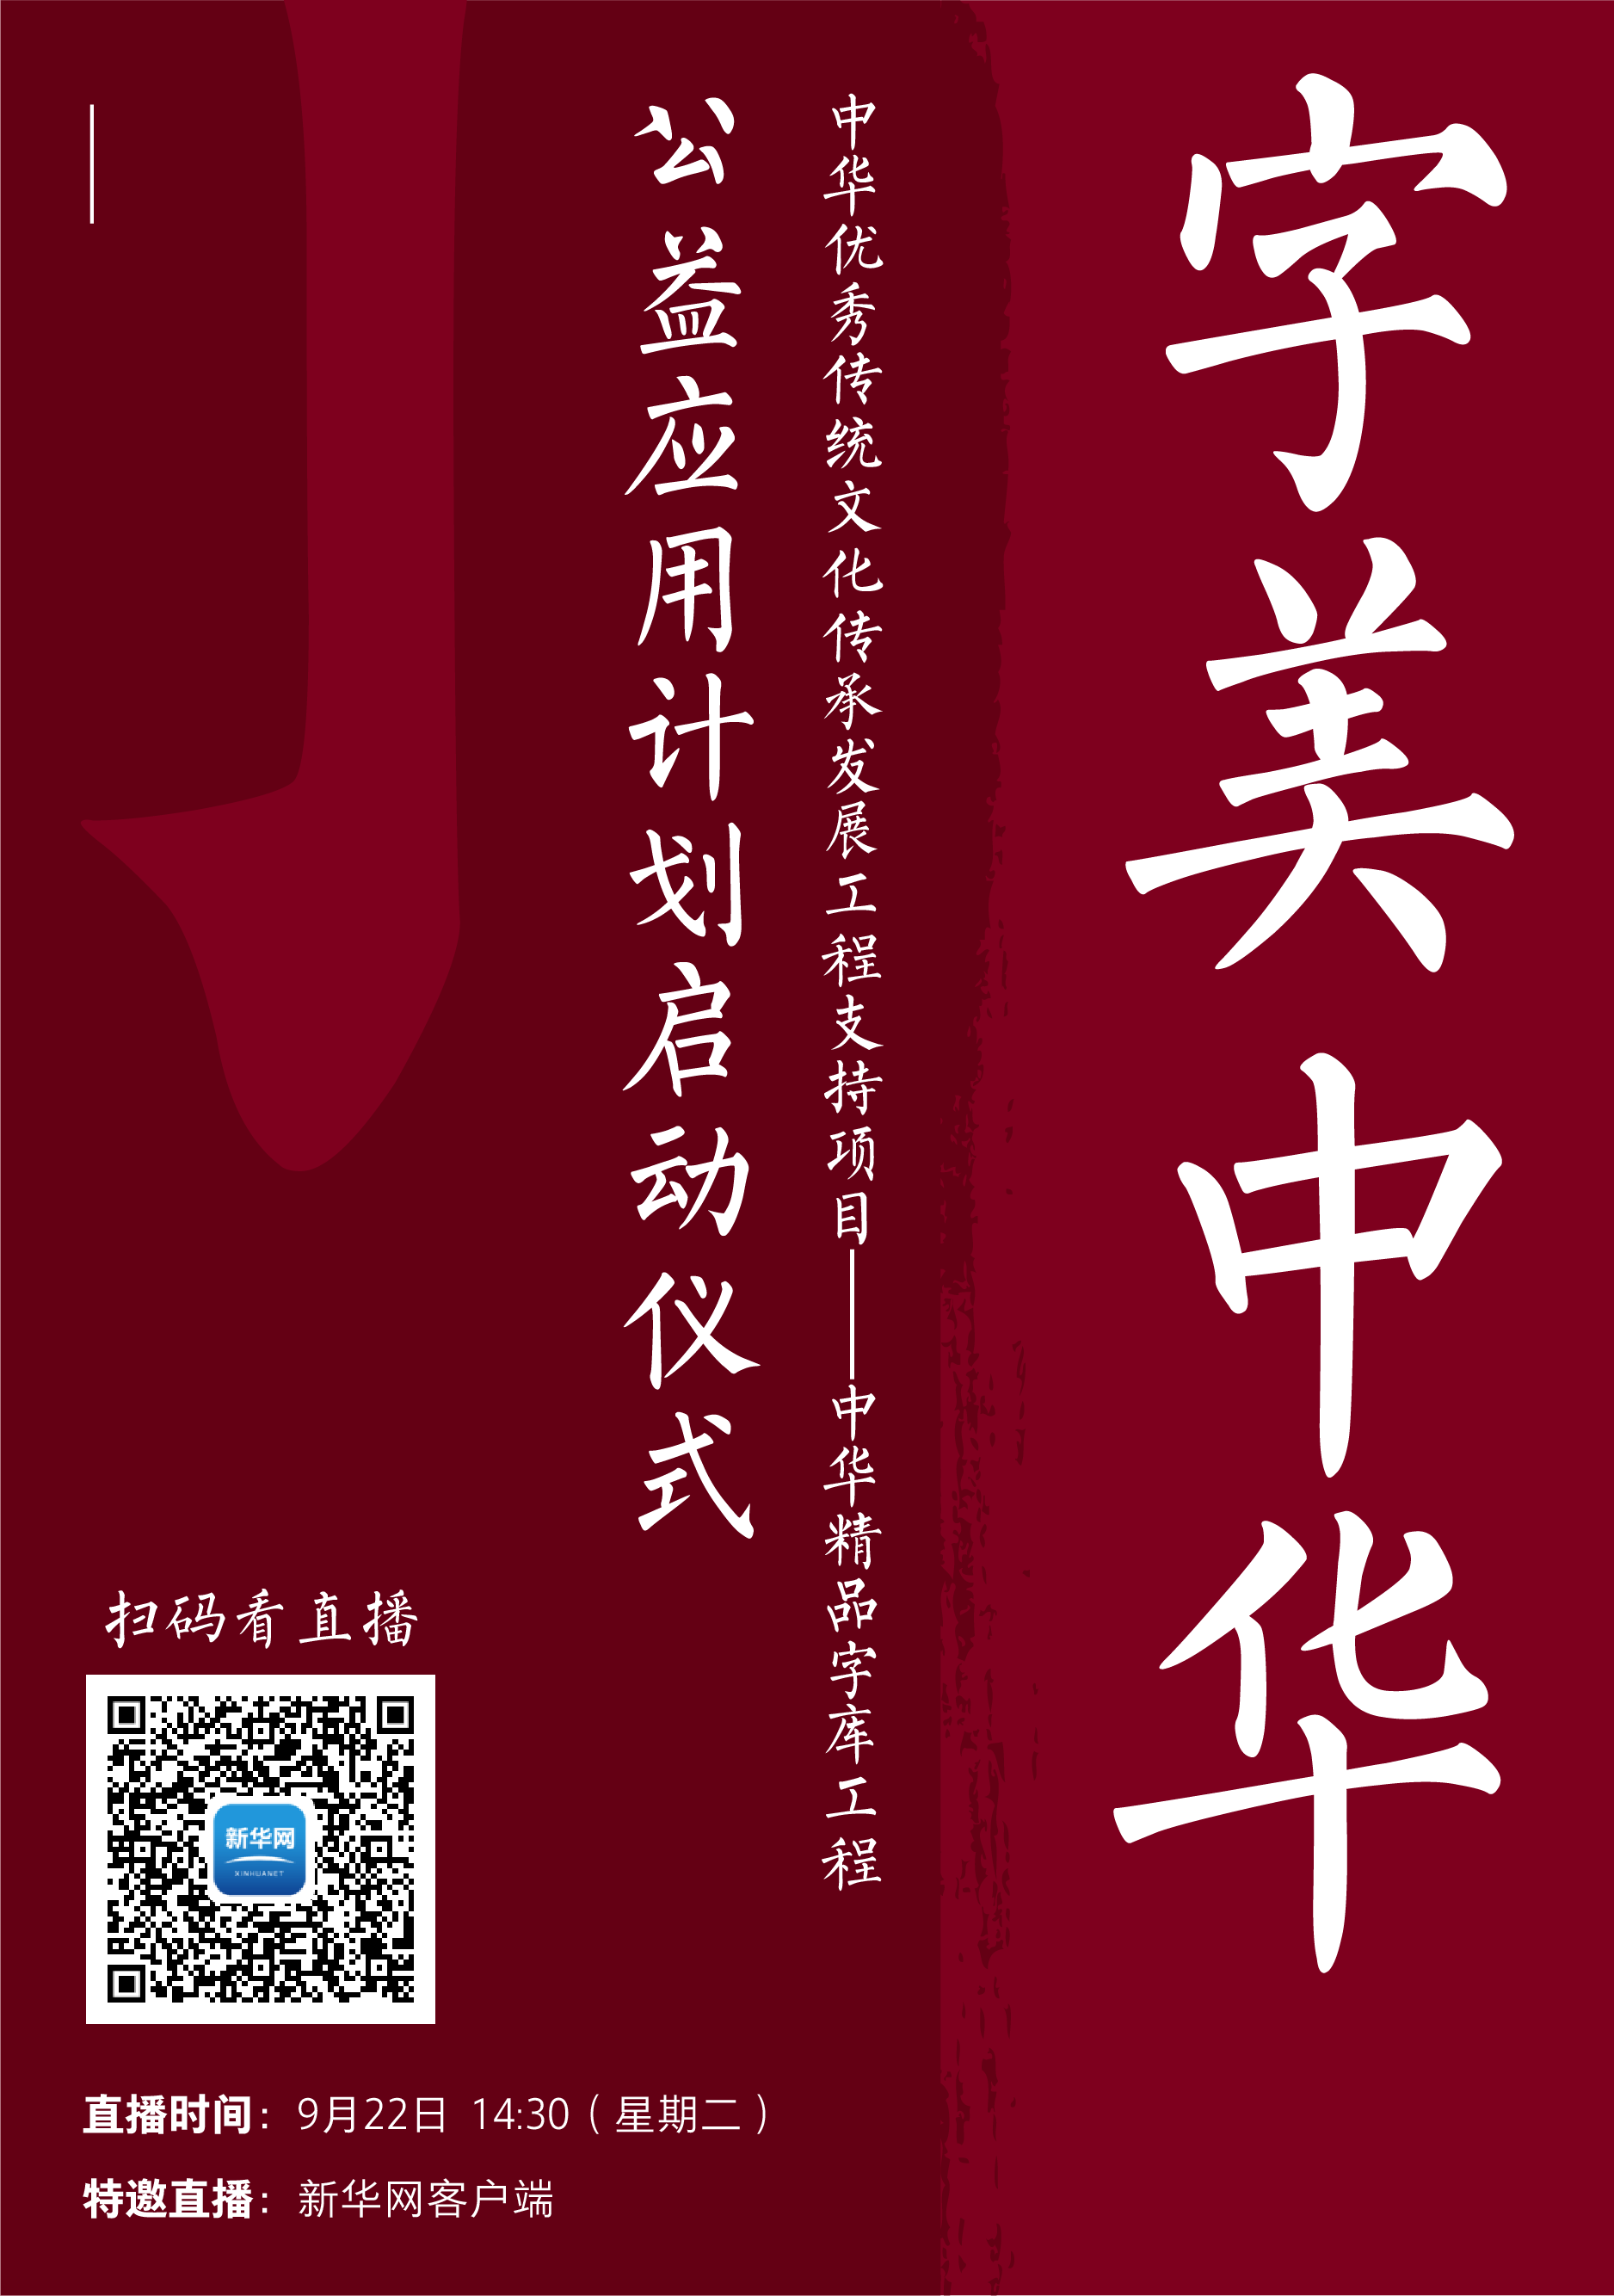 https://ft-bk1.oss-cn-zhangjiakou.aliyuncs.com/Public/Uploads/img/a_content_20200921140943_5885.png